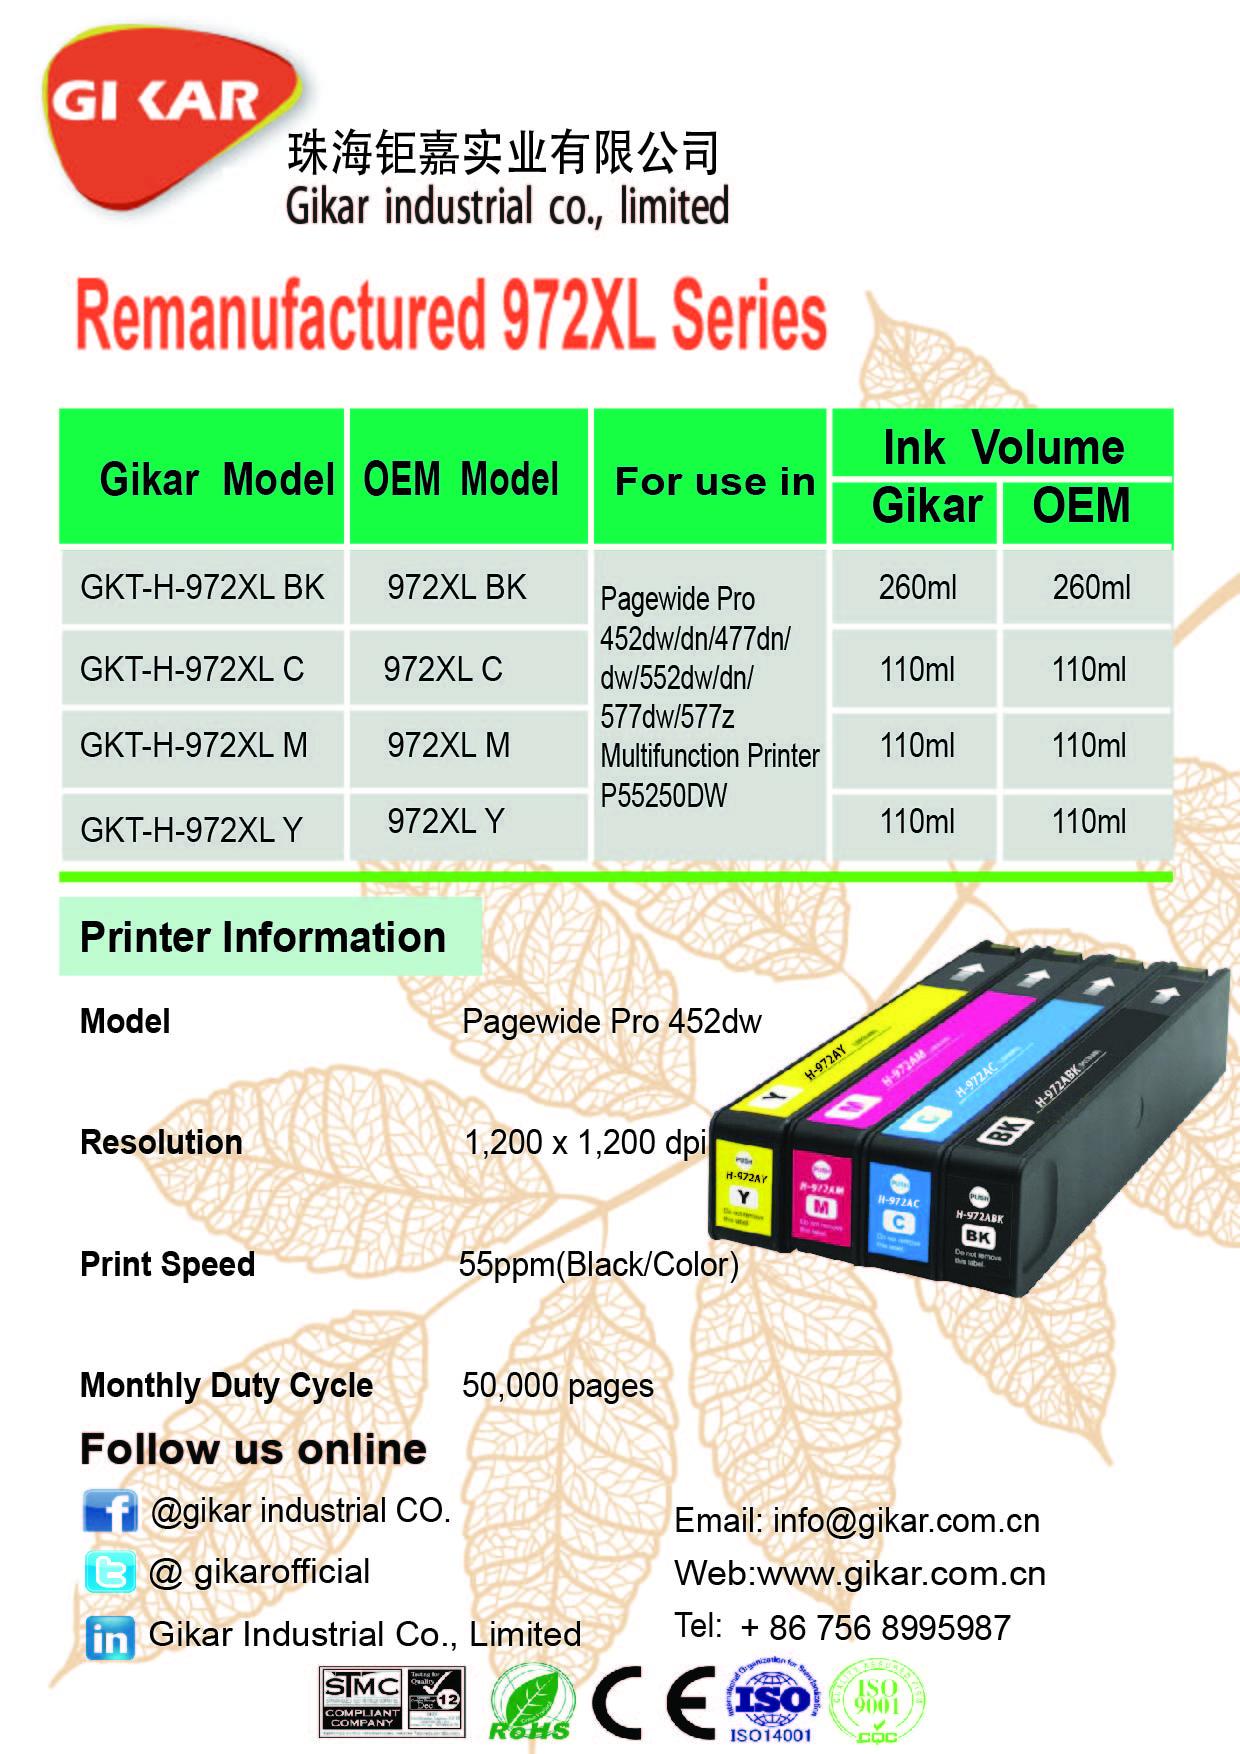 钜嘉实业成功推出再生972XL系列墨盒